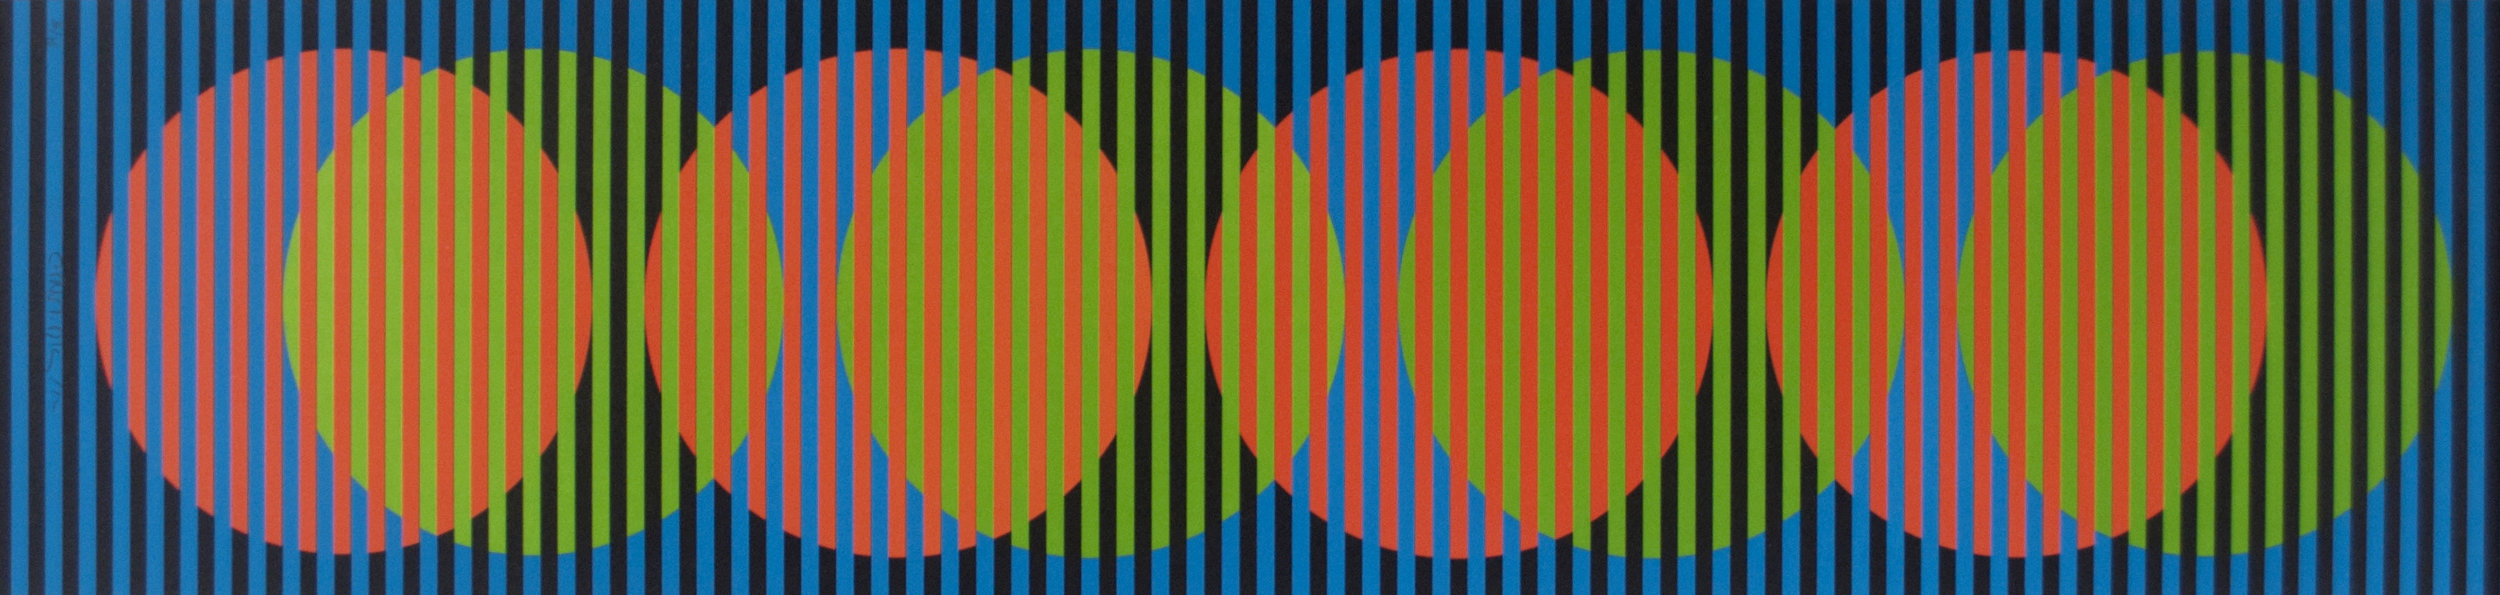 MO006, Carlos Cruz-Diez, Sitges 1, serigrafía, 100 x 25 cm, 2012.jpg